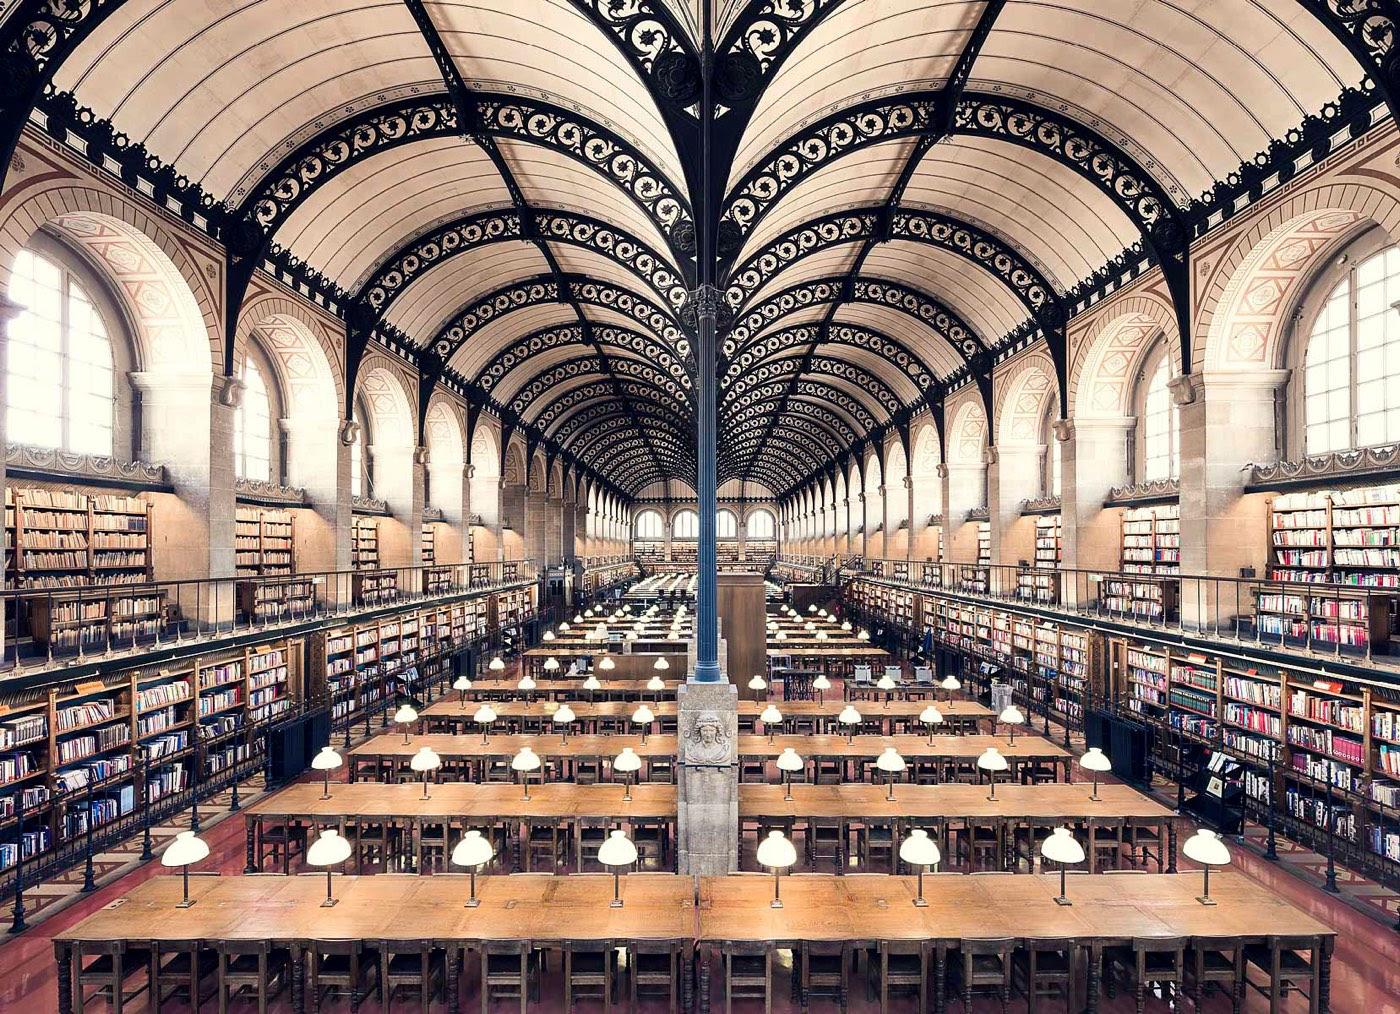 http://kottke.org/17/06/awe-inspiring-photos-of-empty-european-libraries